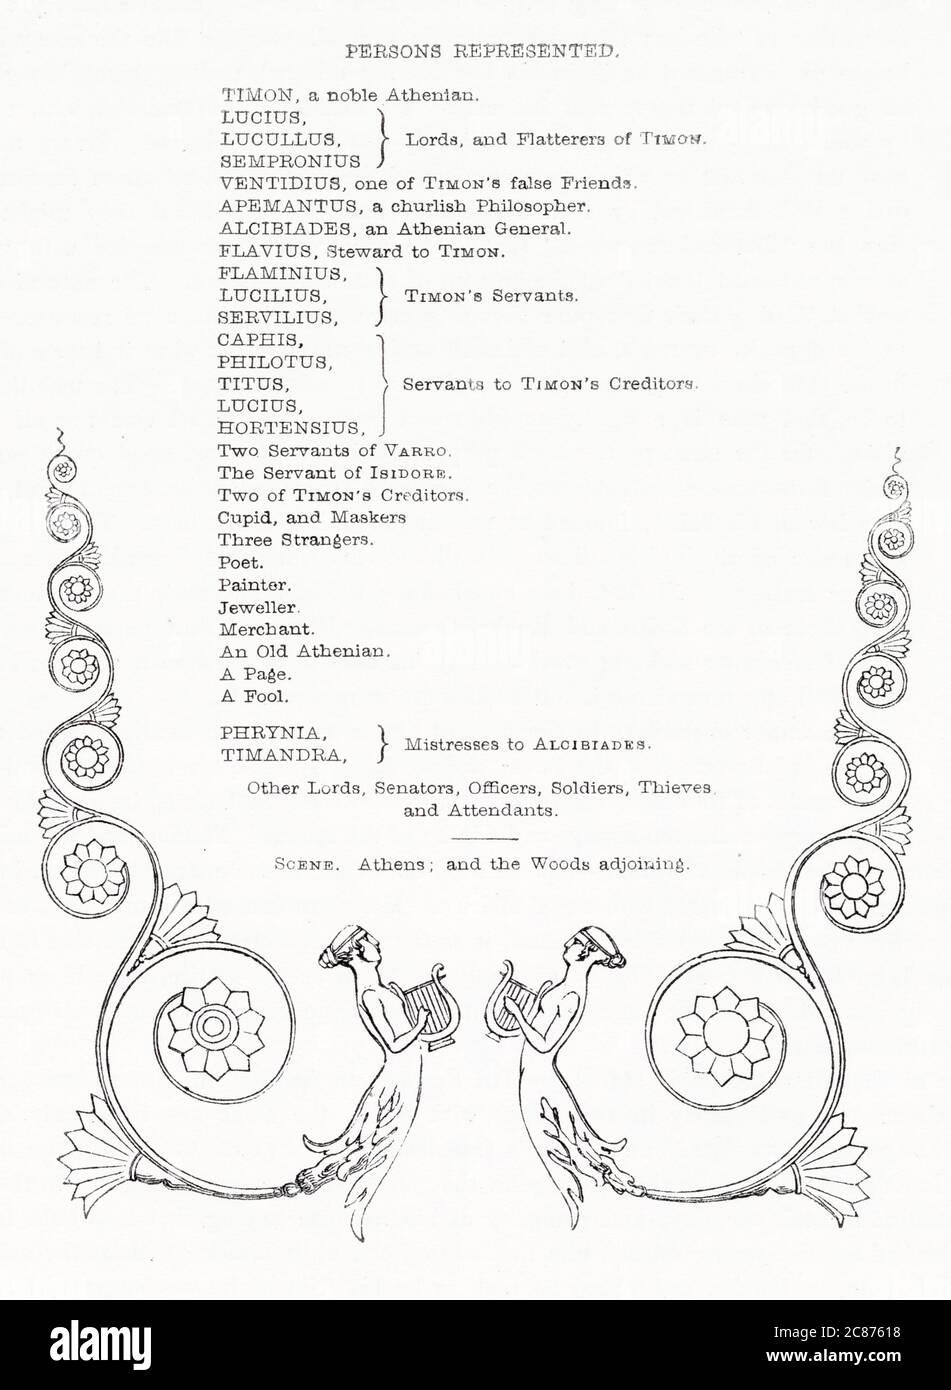 Illustration de Kenny Meadows à Timon d'Athènes, par William Shakespeare. Liste de distribution, avec design décoratif. Date: 1840 Banque D'Images